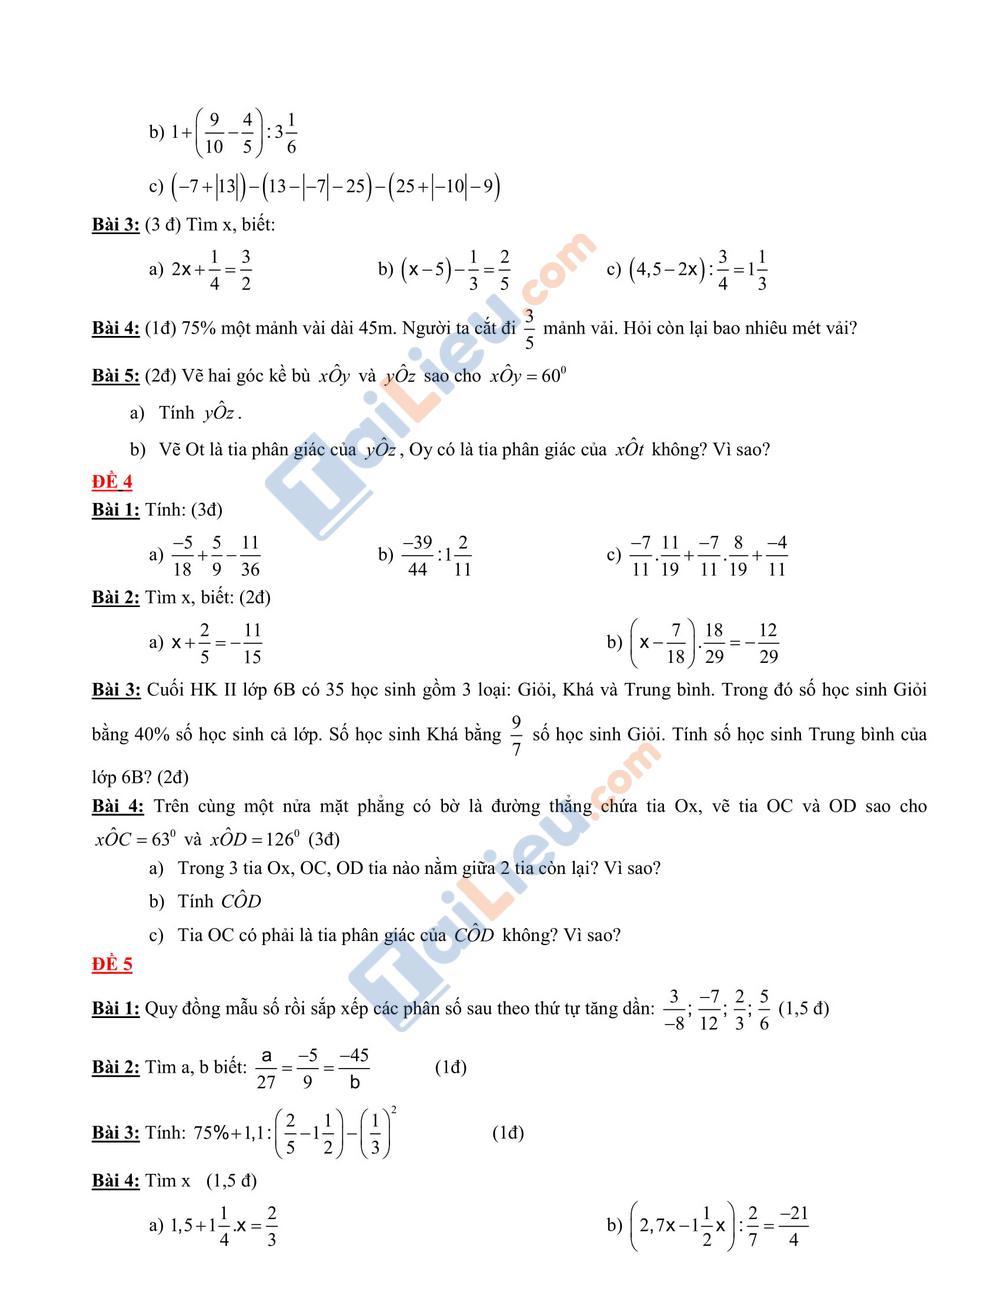 Đề thi học kỳ 2 môn toán lớp 6 2020 mới nhất_2